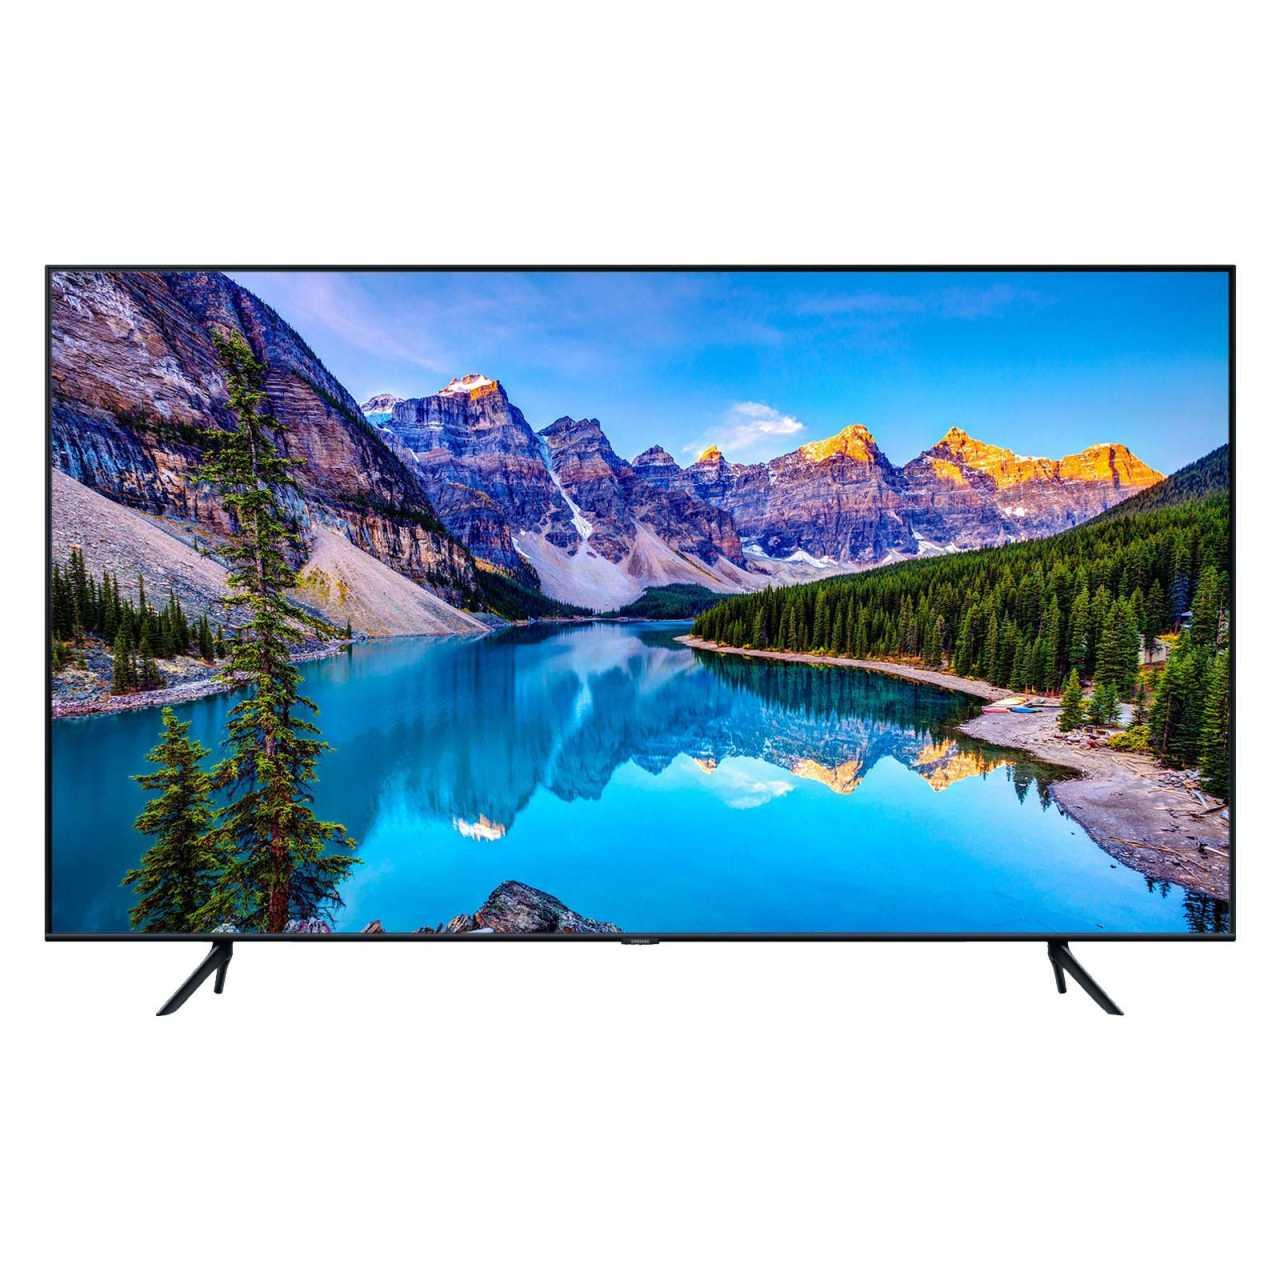 Samsung 50Q60T 50 Zoll 125cm 4K Ultra HD 3100 PQI Flat QLED Smart TV Triple Tuner, Schwarz LED50Q60T